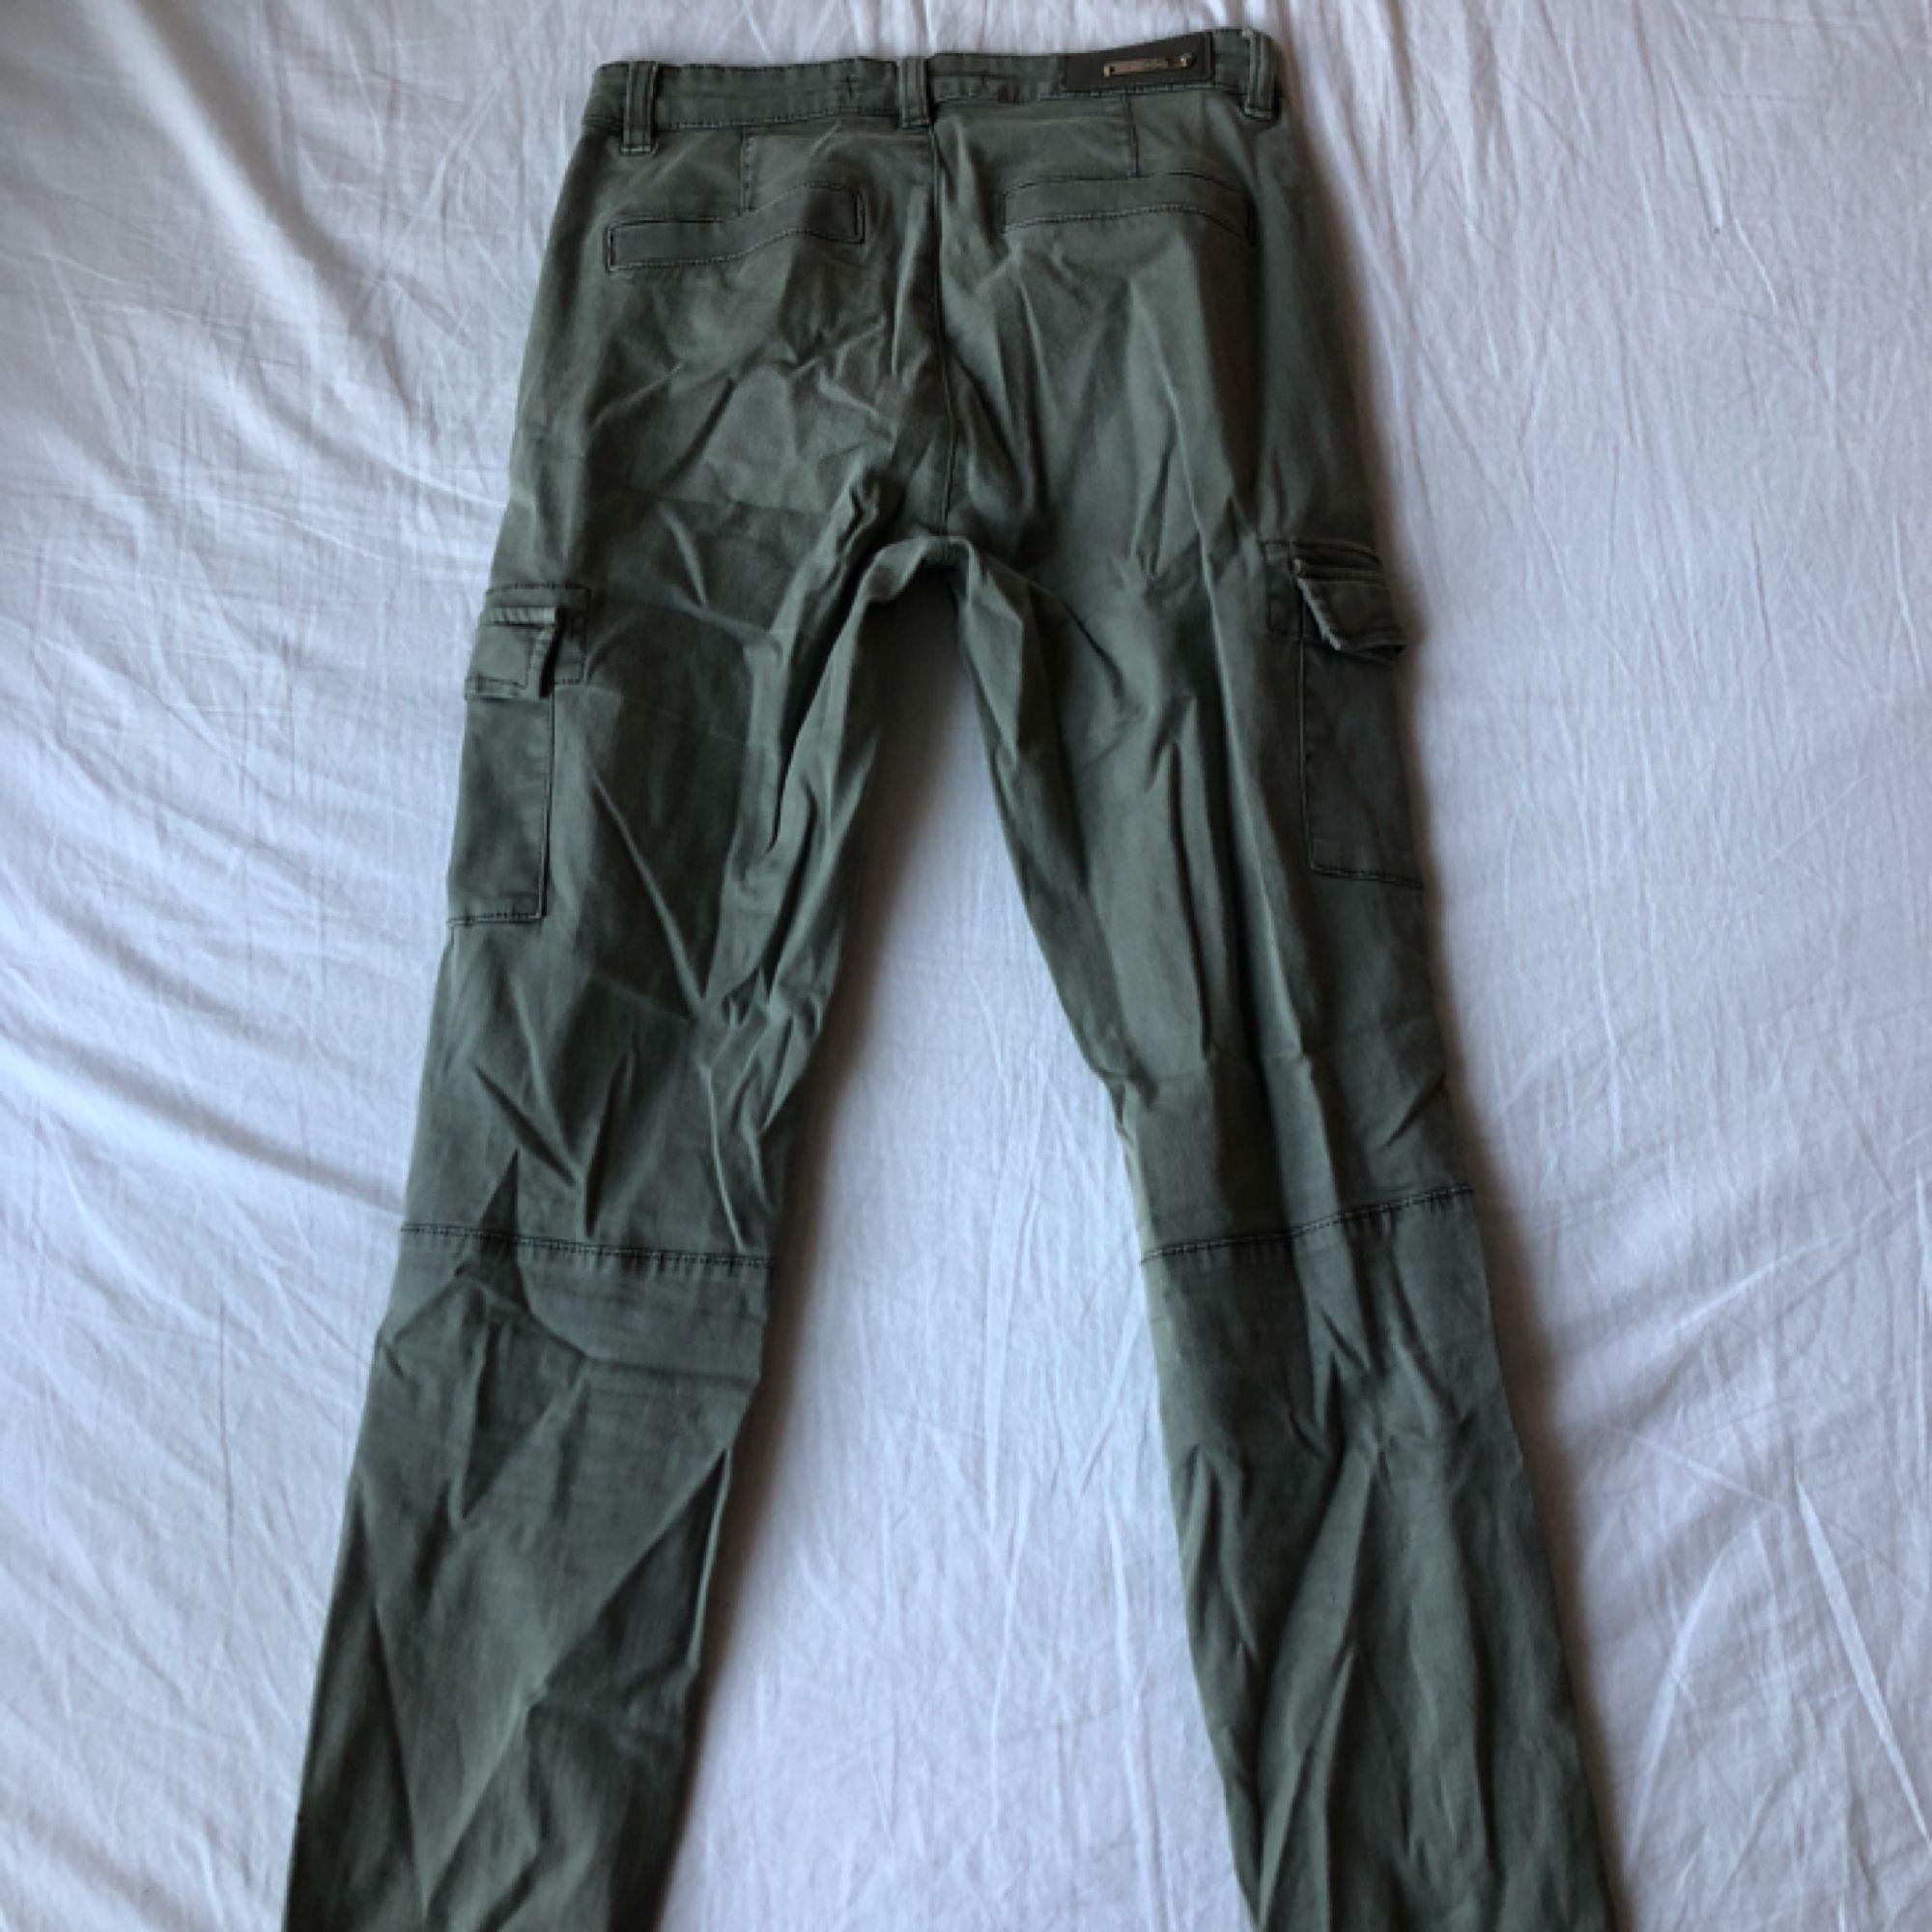 3cce306e6 ... Gröna cargo pants med fickor på sidan av benet. 80kr köparen står för  frakt 💘